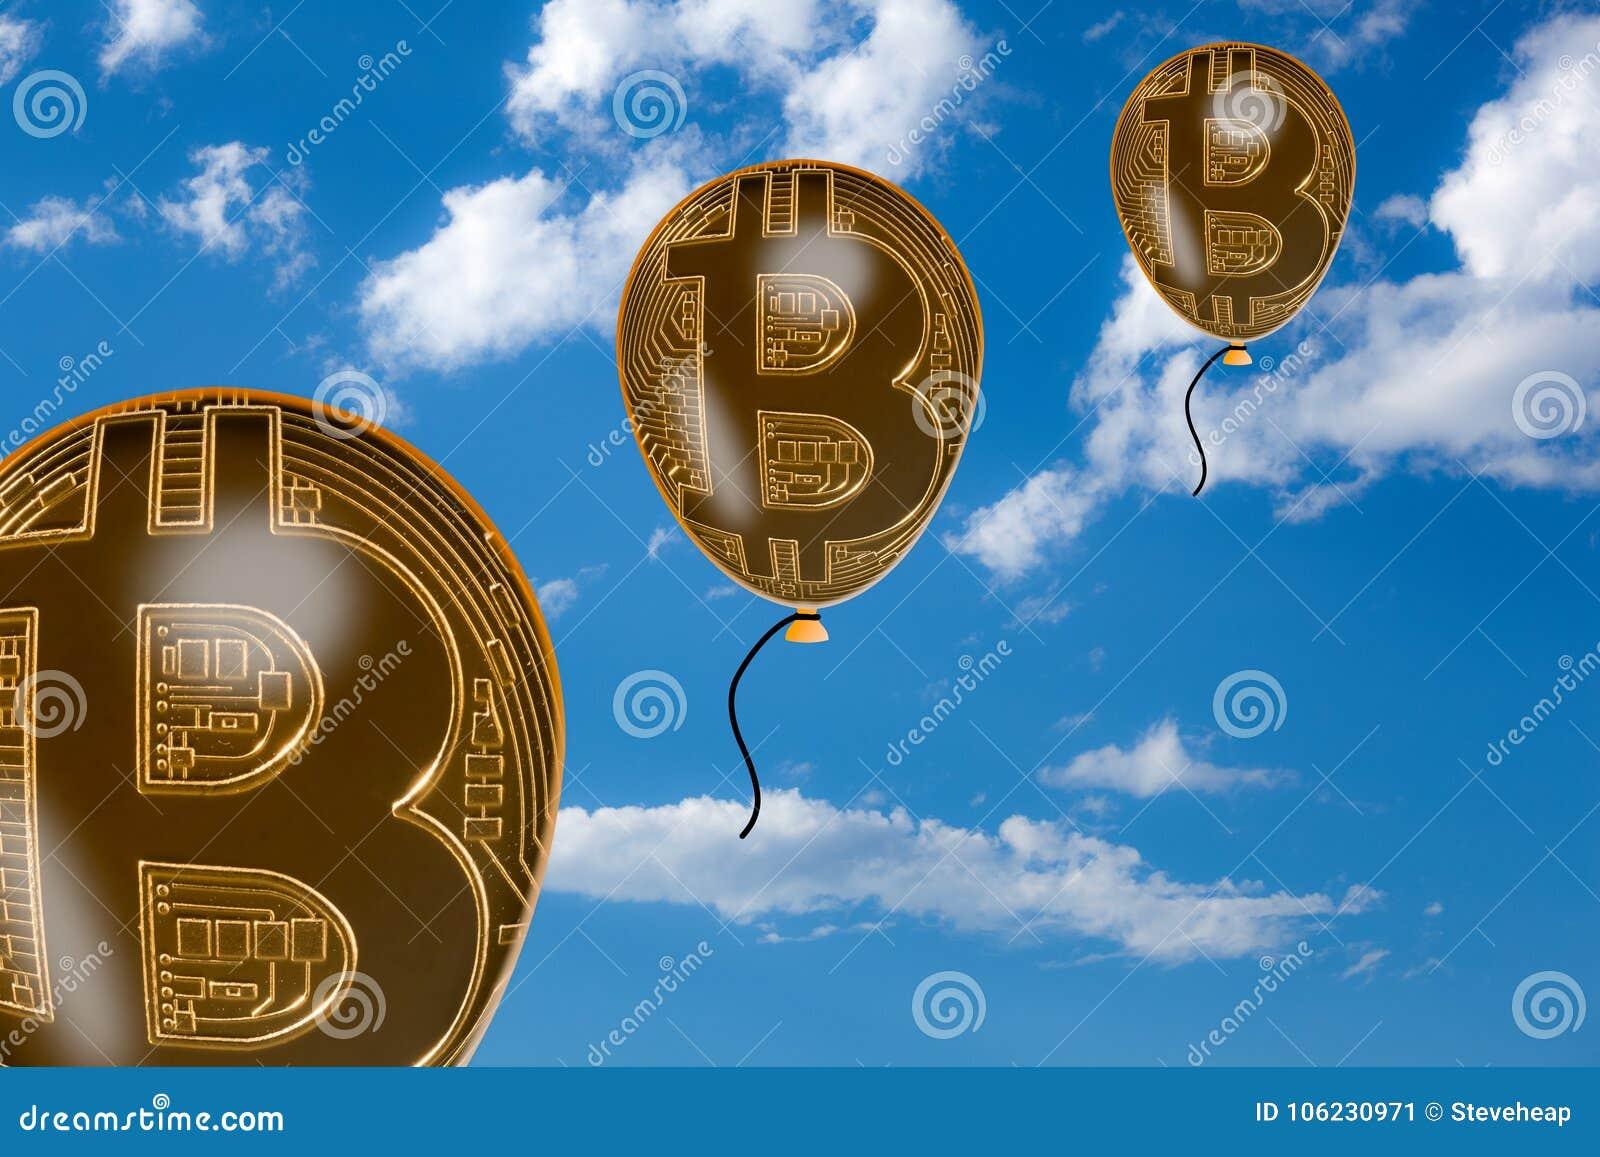 Bitcoin burbujea flotando en el cielo